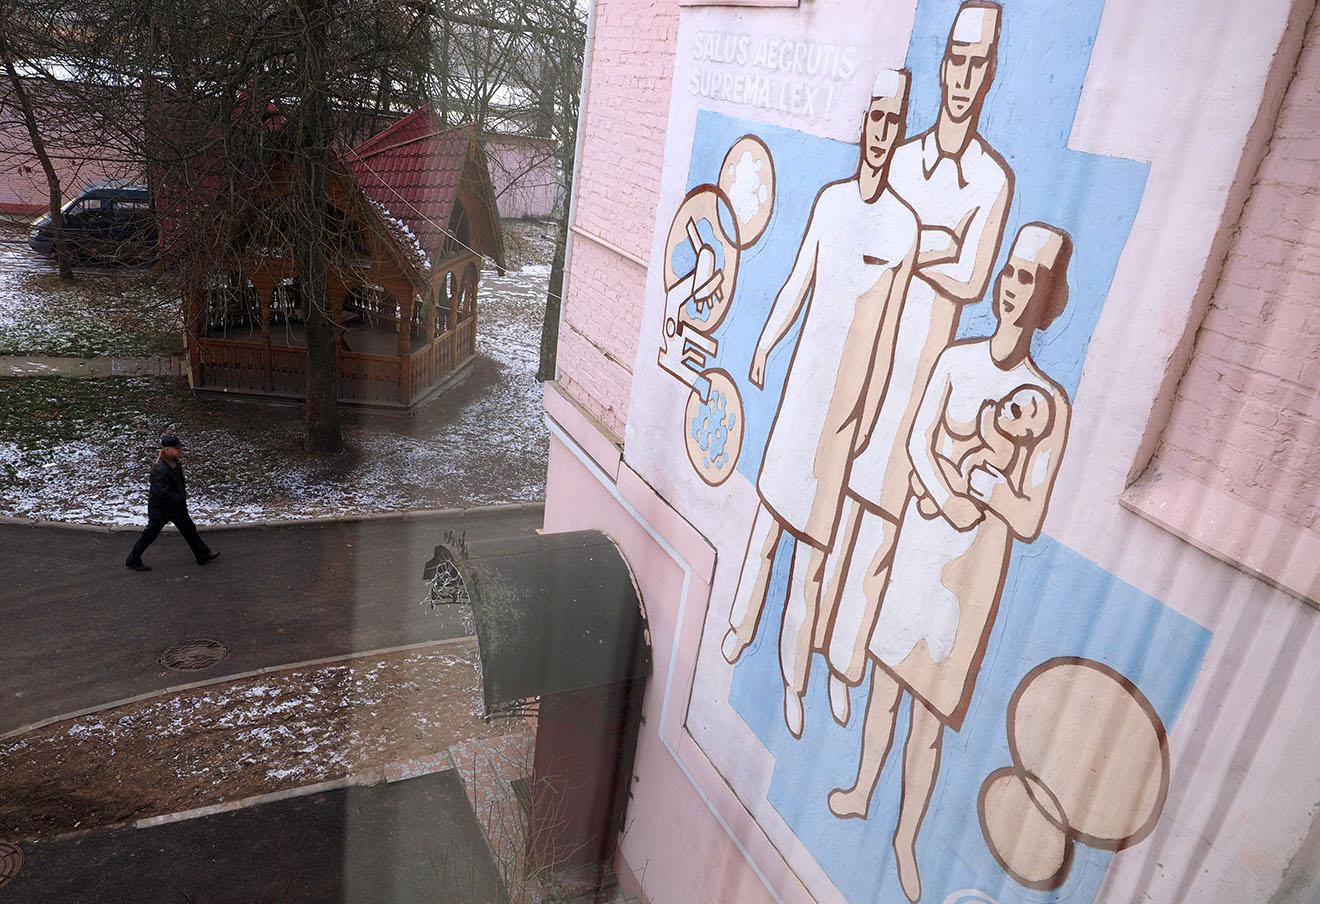 В отделении медико-социальной реабилитации детей с ВИЧ-инфекцией в Санкт-Петербурге.